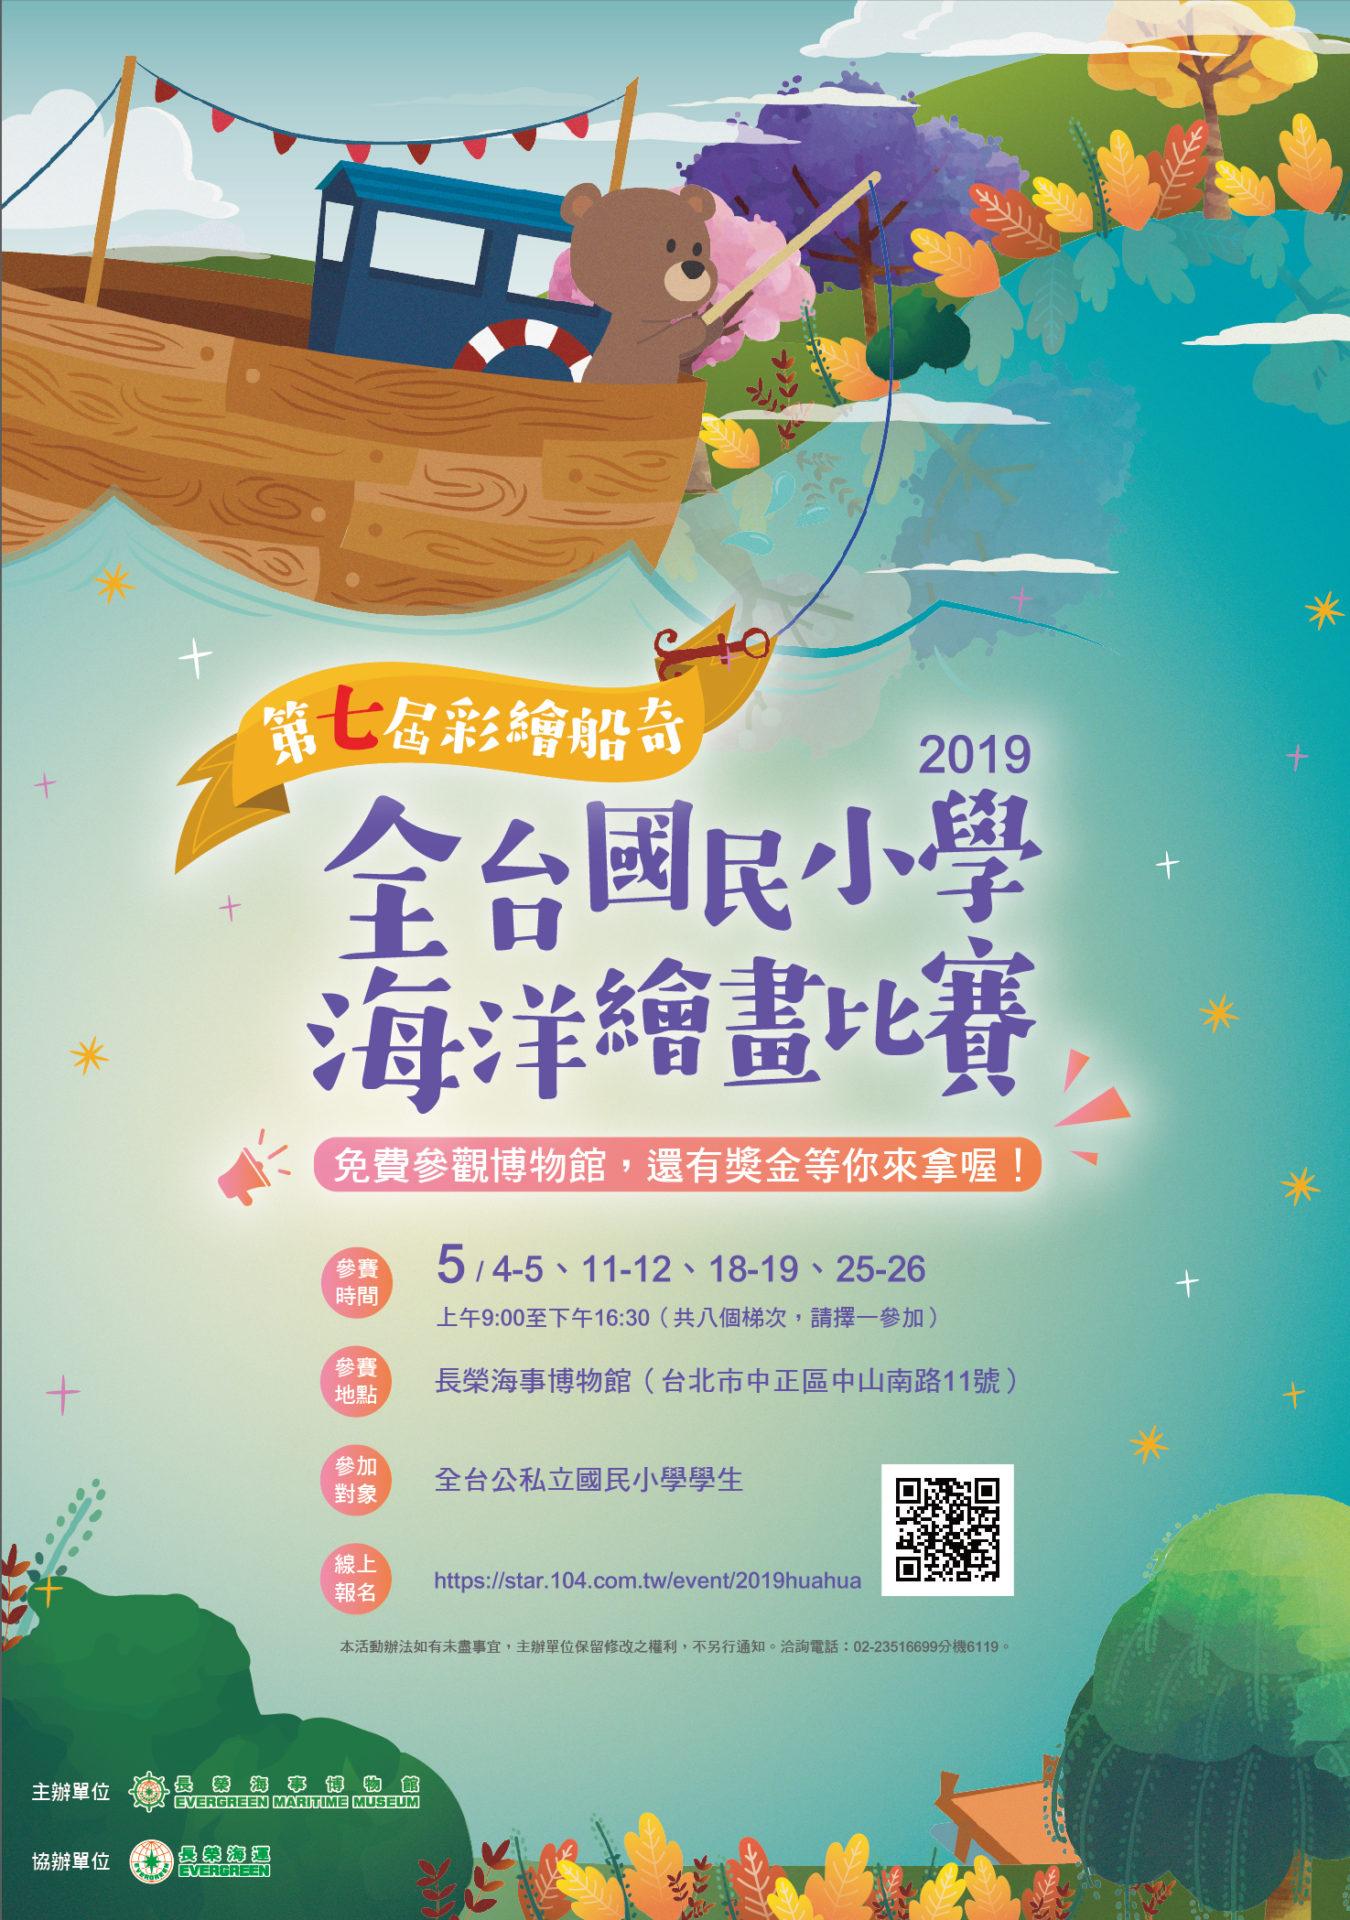 長榮海事博物館:2019/05/04-2019/05/26【彩繪船奇─全台國民小學海洋繪畫比賽】(即日起開始報名)